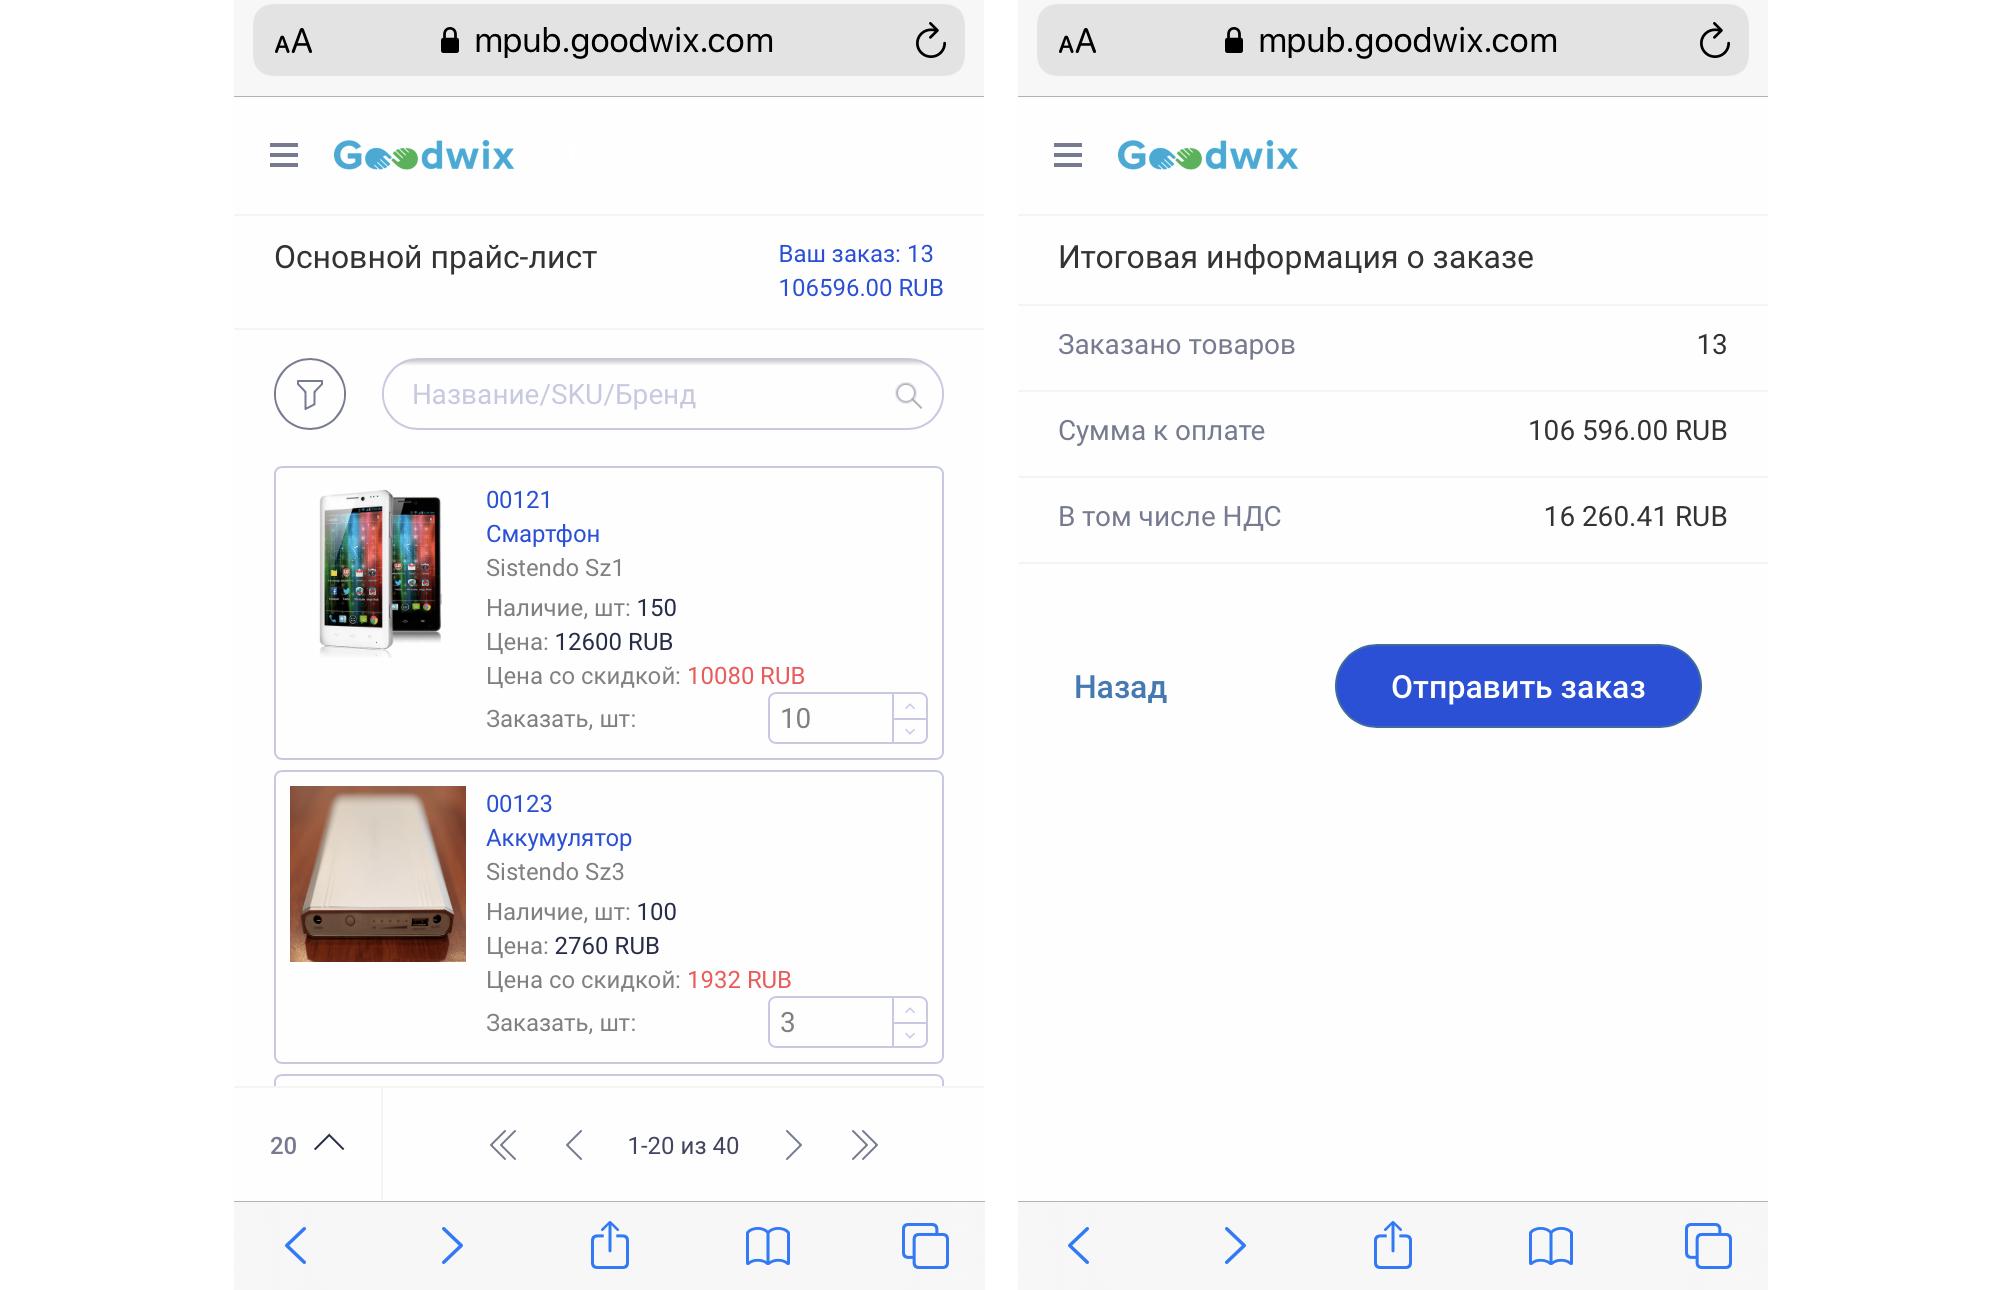 Прайс-лист в мобильной версии Goodwix